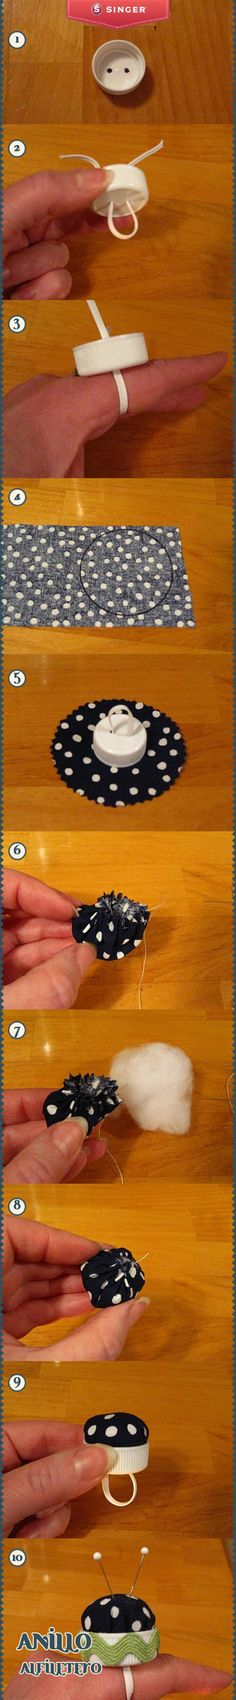 DIY Ring Pincushion